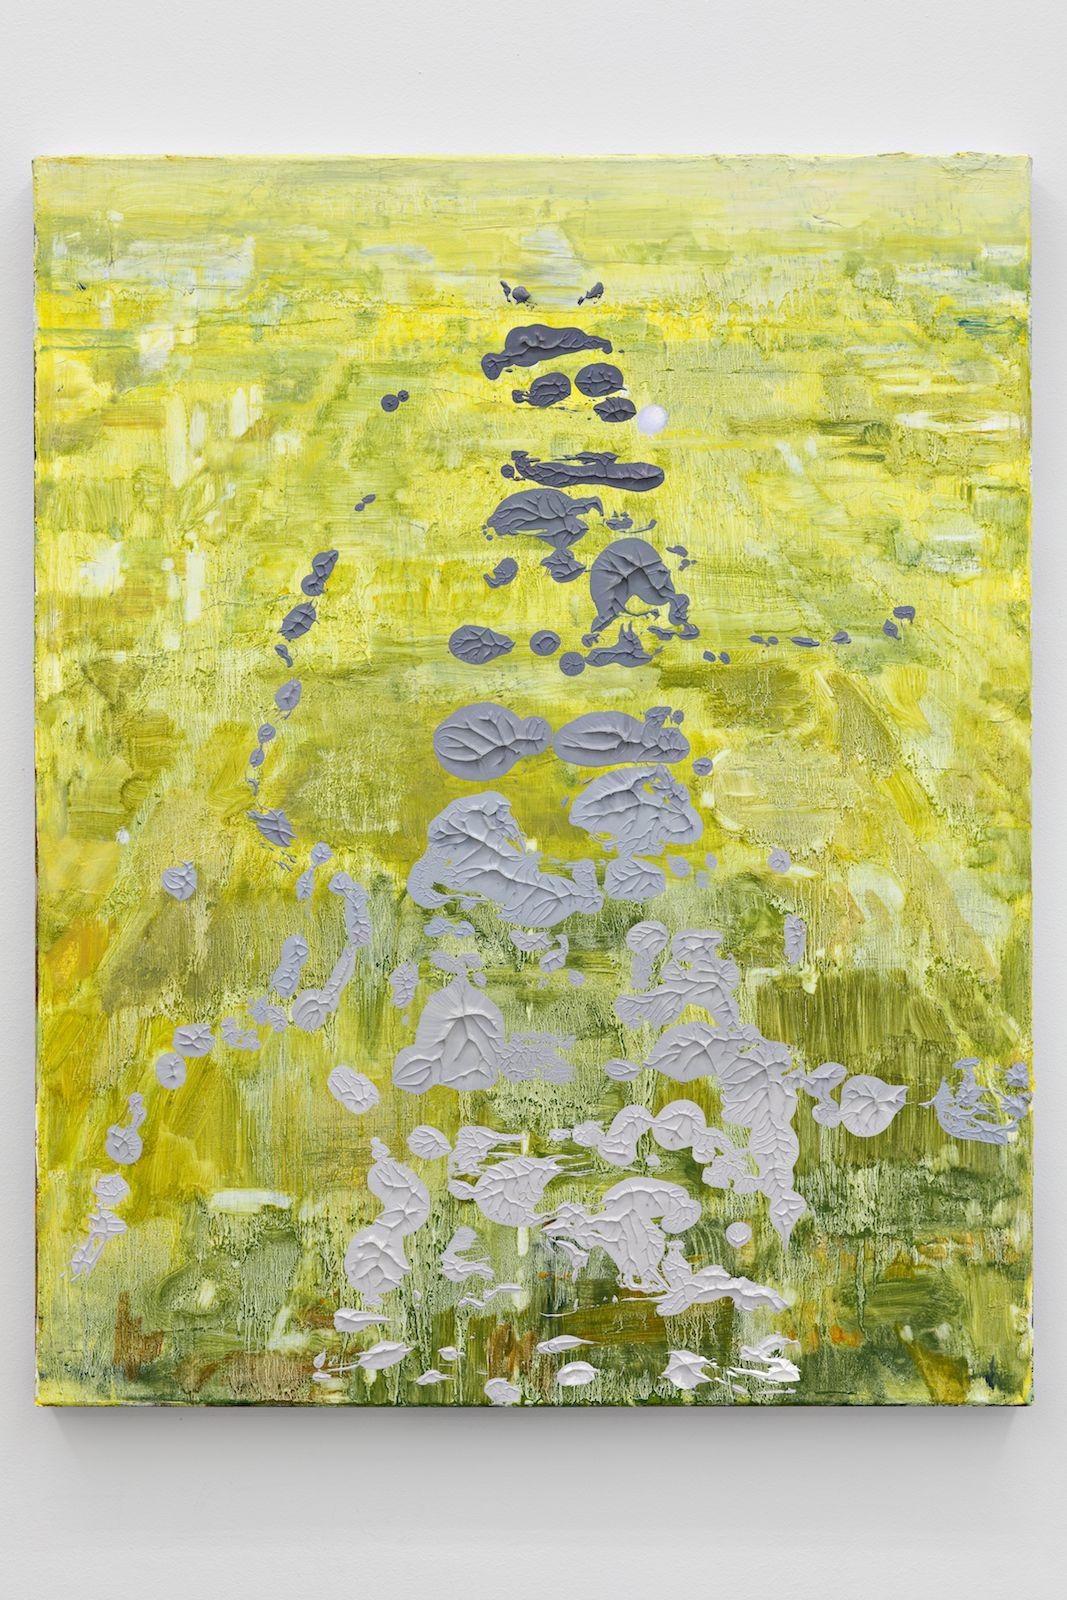 Zeroandones VI, 2018. Oil on canvas, 76 x 61 cm